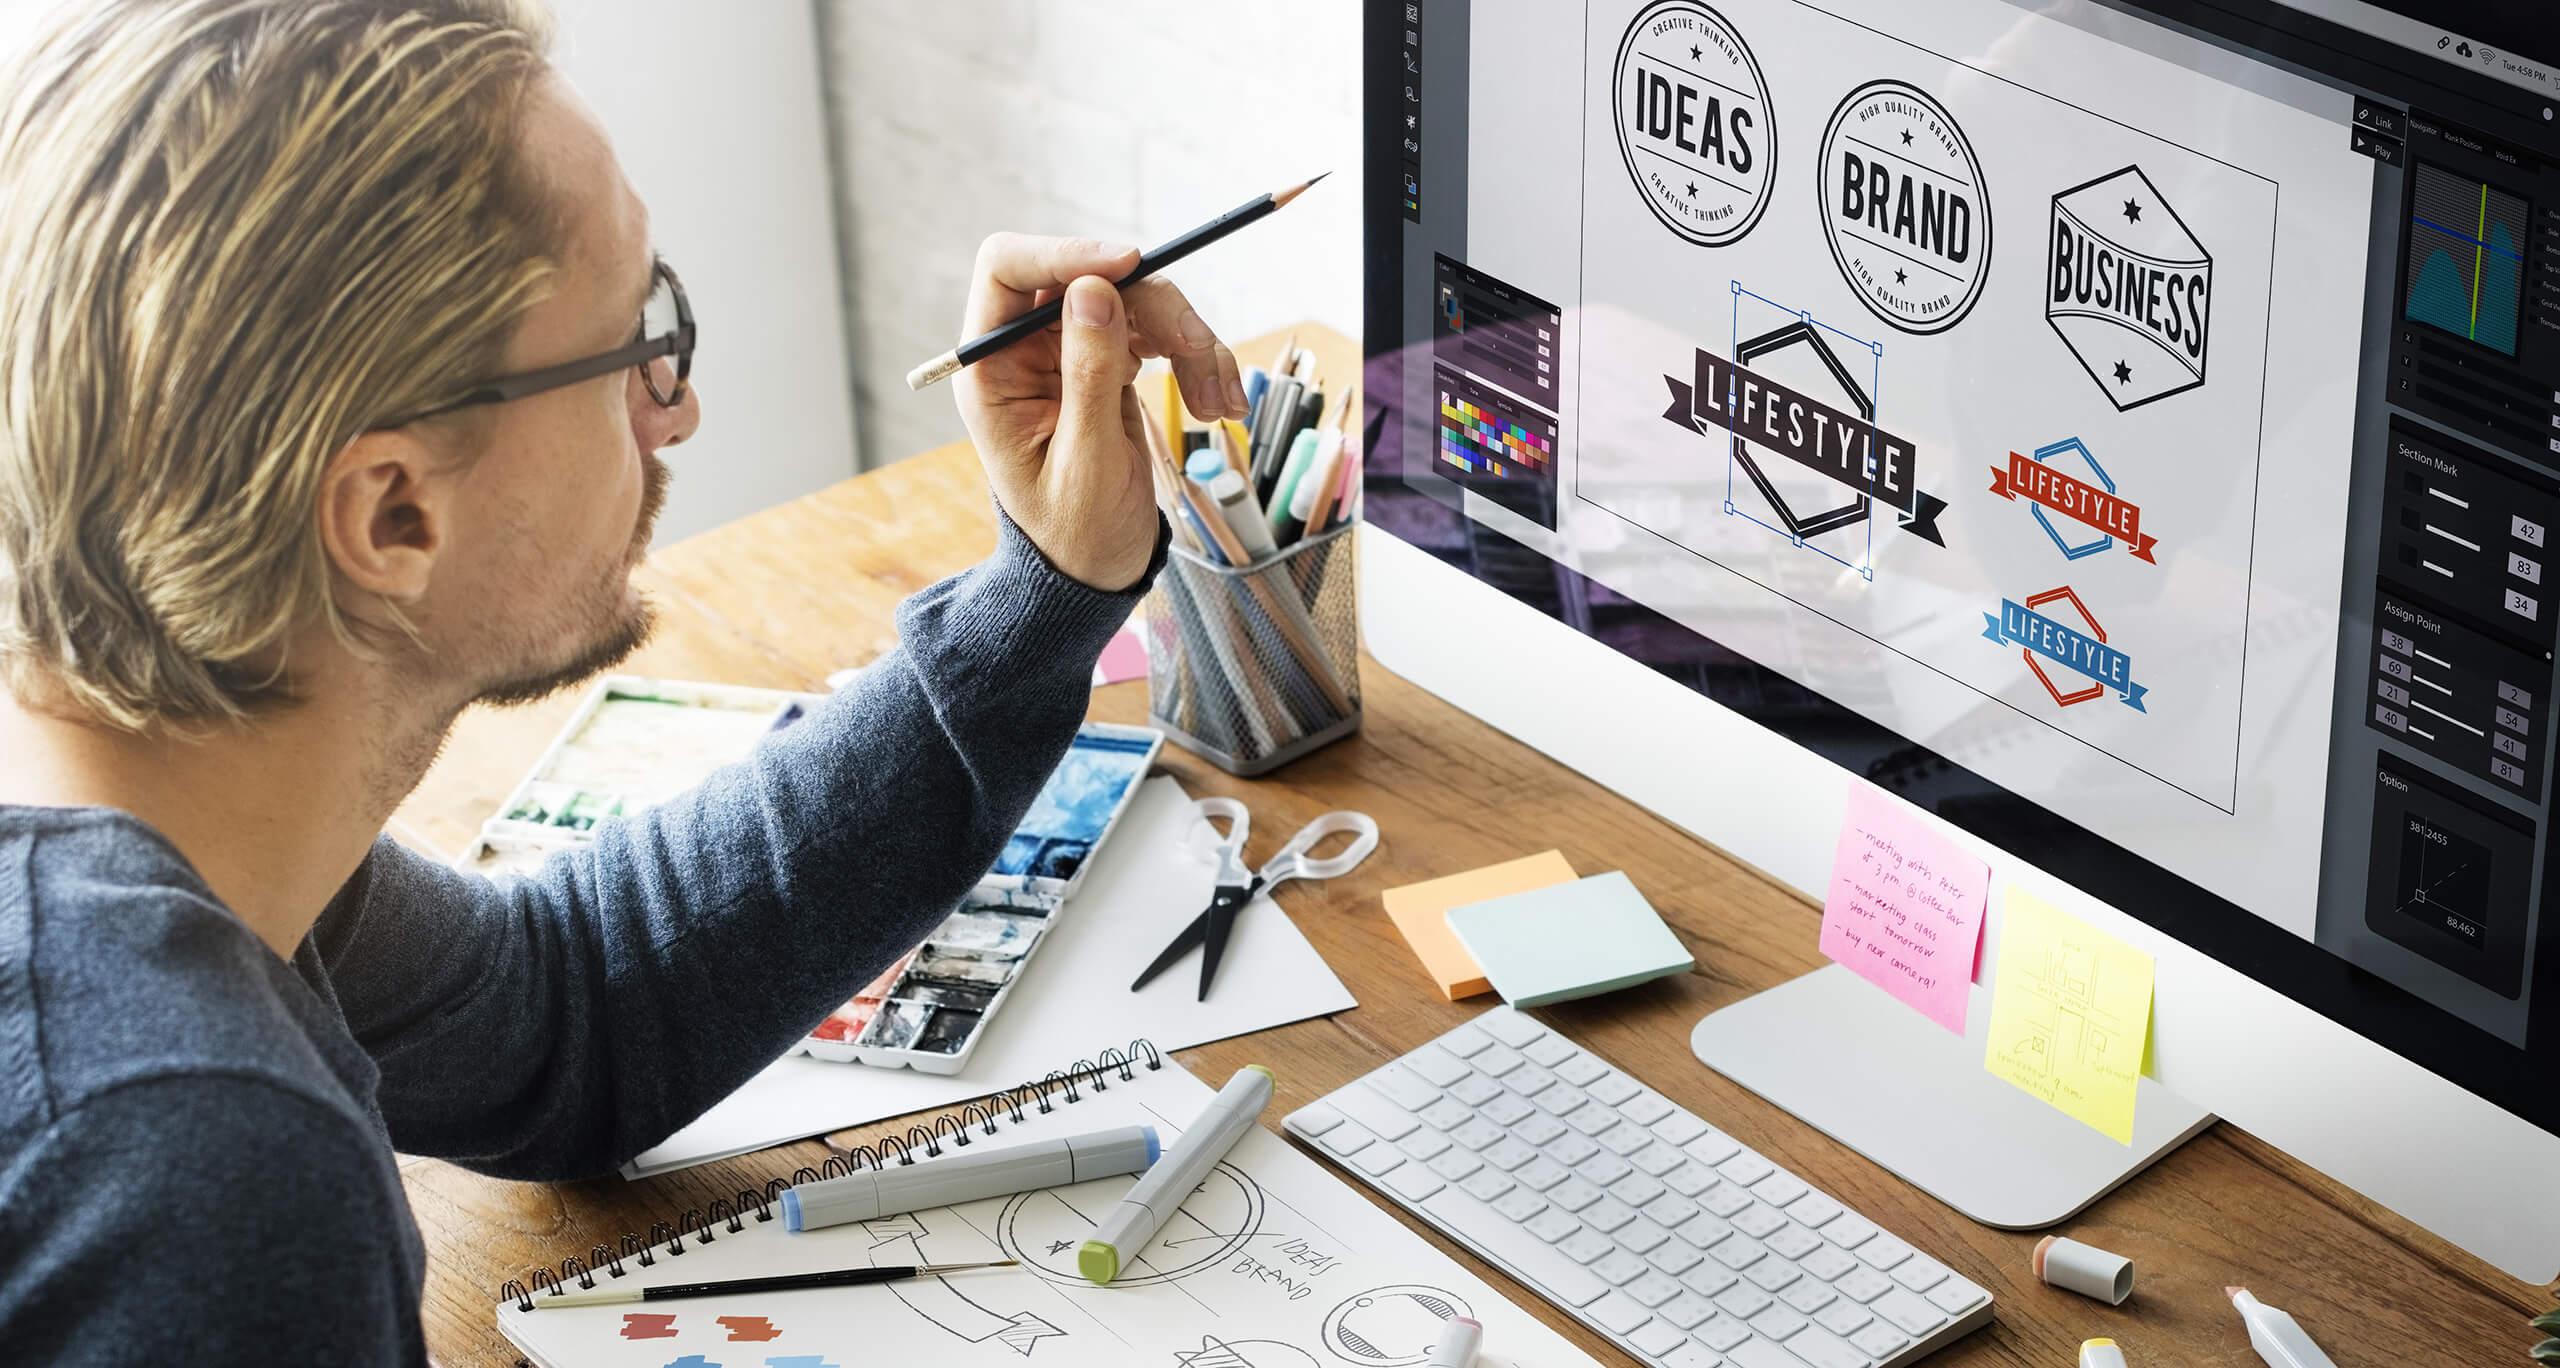 CTM Alder AG designt und produziert Software und Lehrmittel für Fahrschüler, jedoch werden auch Design Services für Fahrschulen angeboten.